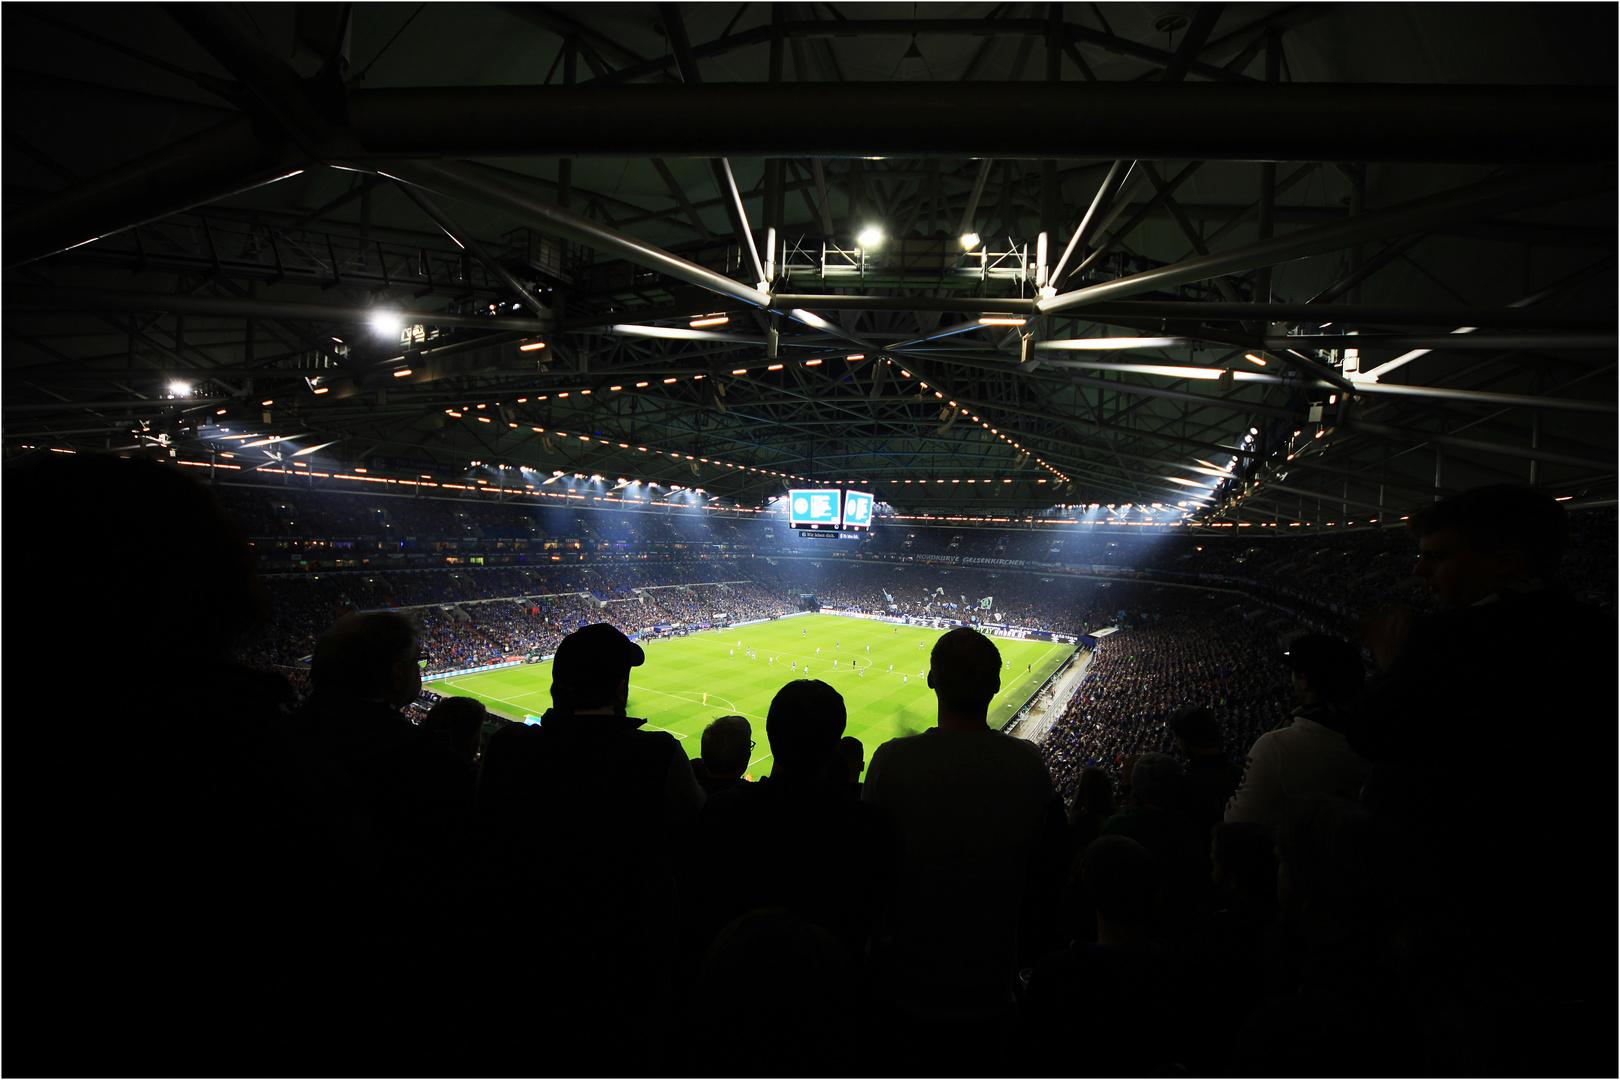 Auf Schalke Steht Auf Wenn Ihr Bremer Seid Foto Bild Sport